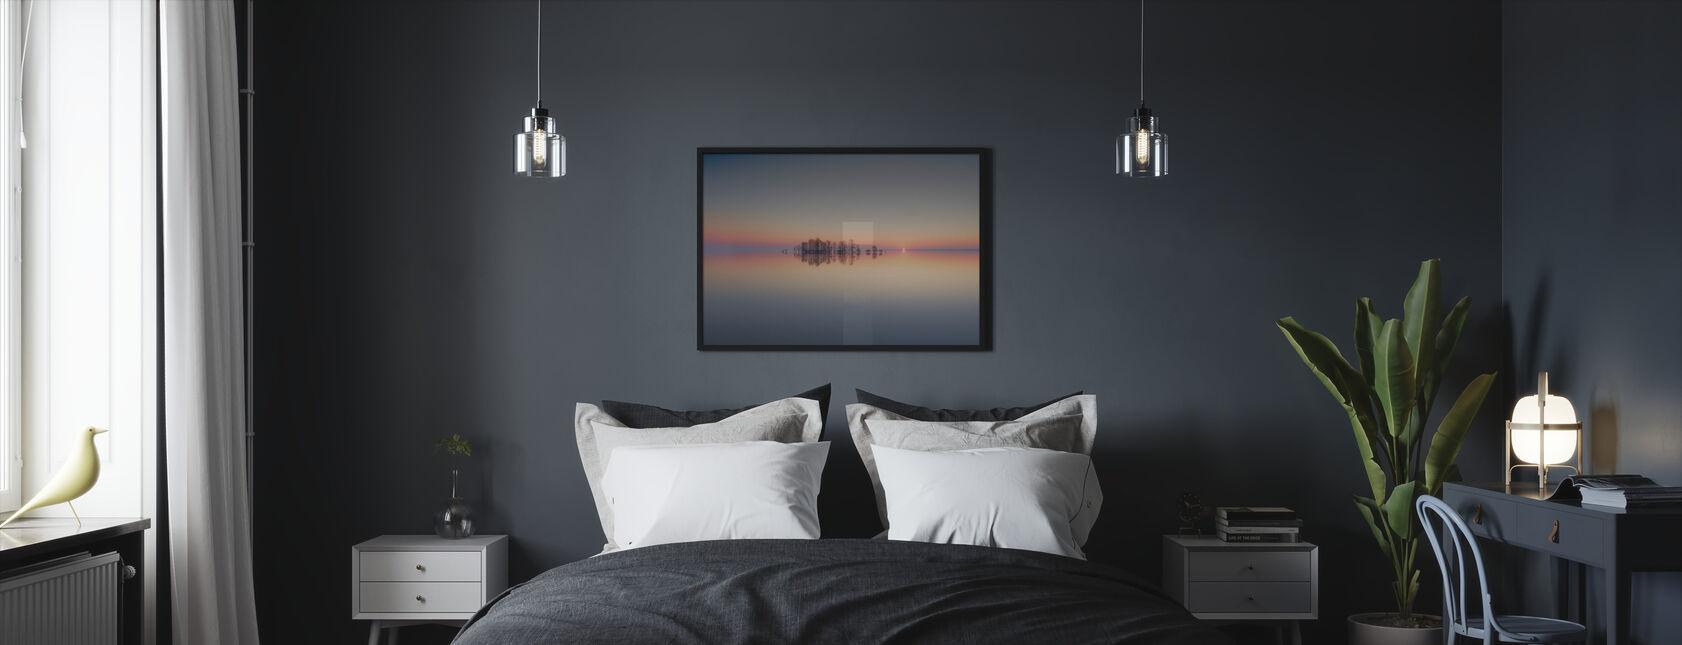 Dawn at Lake Mattamuskeet - Framed print - Bedroom